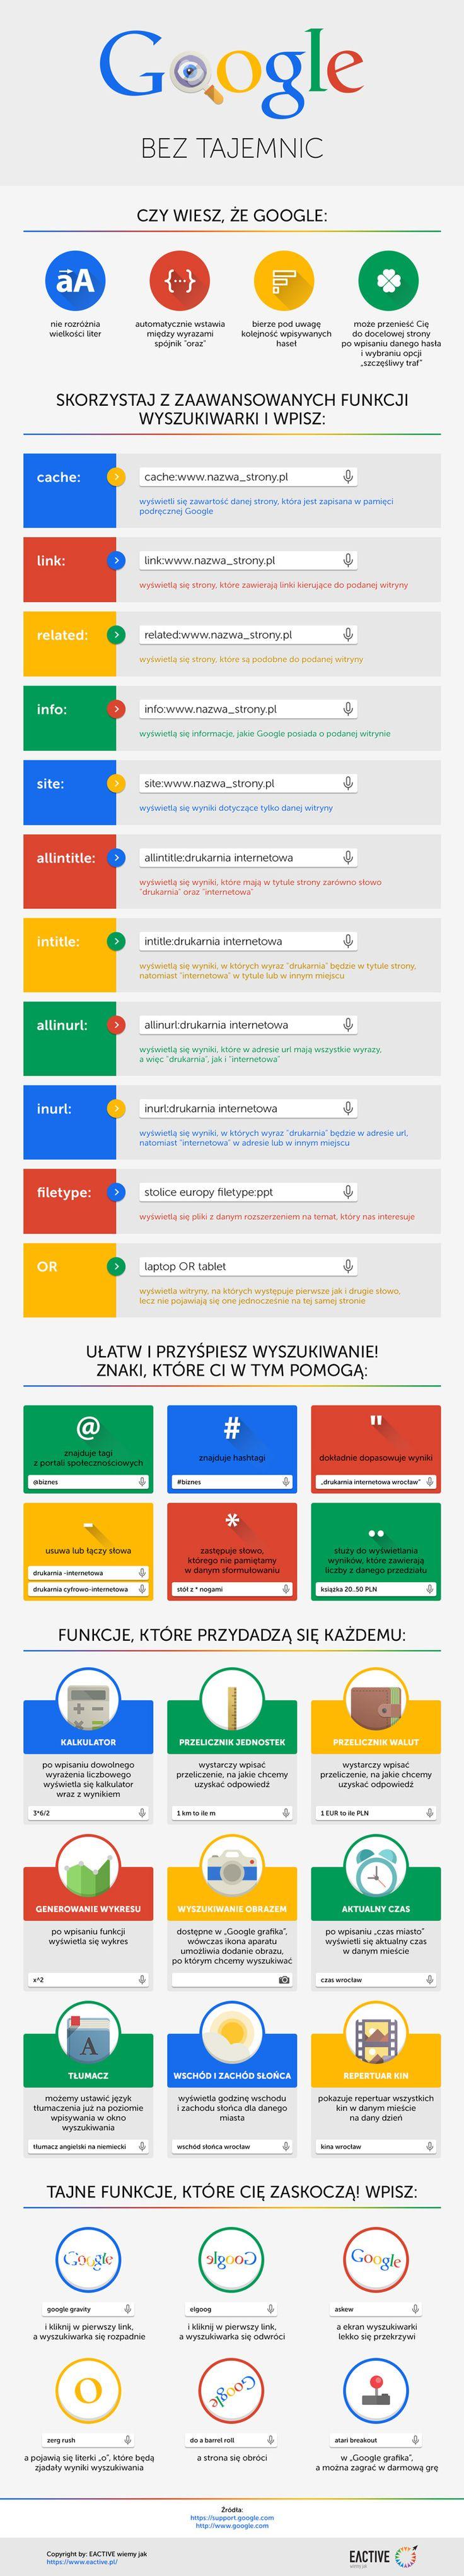 Infografika prezentuje zaawansowane sposoby wyszukiwania w Google oraz najciekawsze funkcje, które oferuje wyszukiwarka.